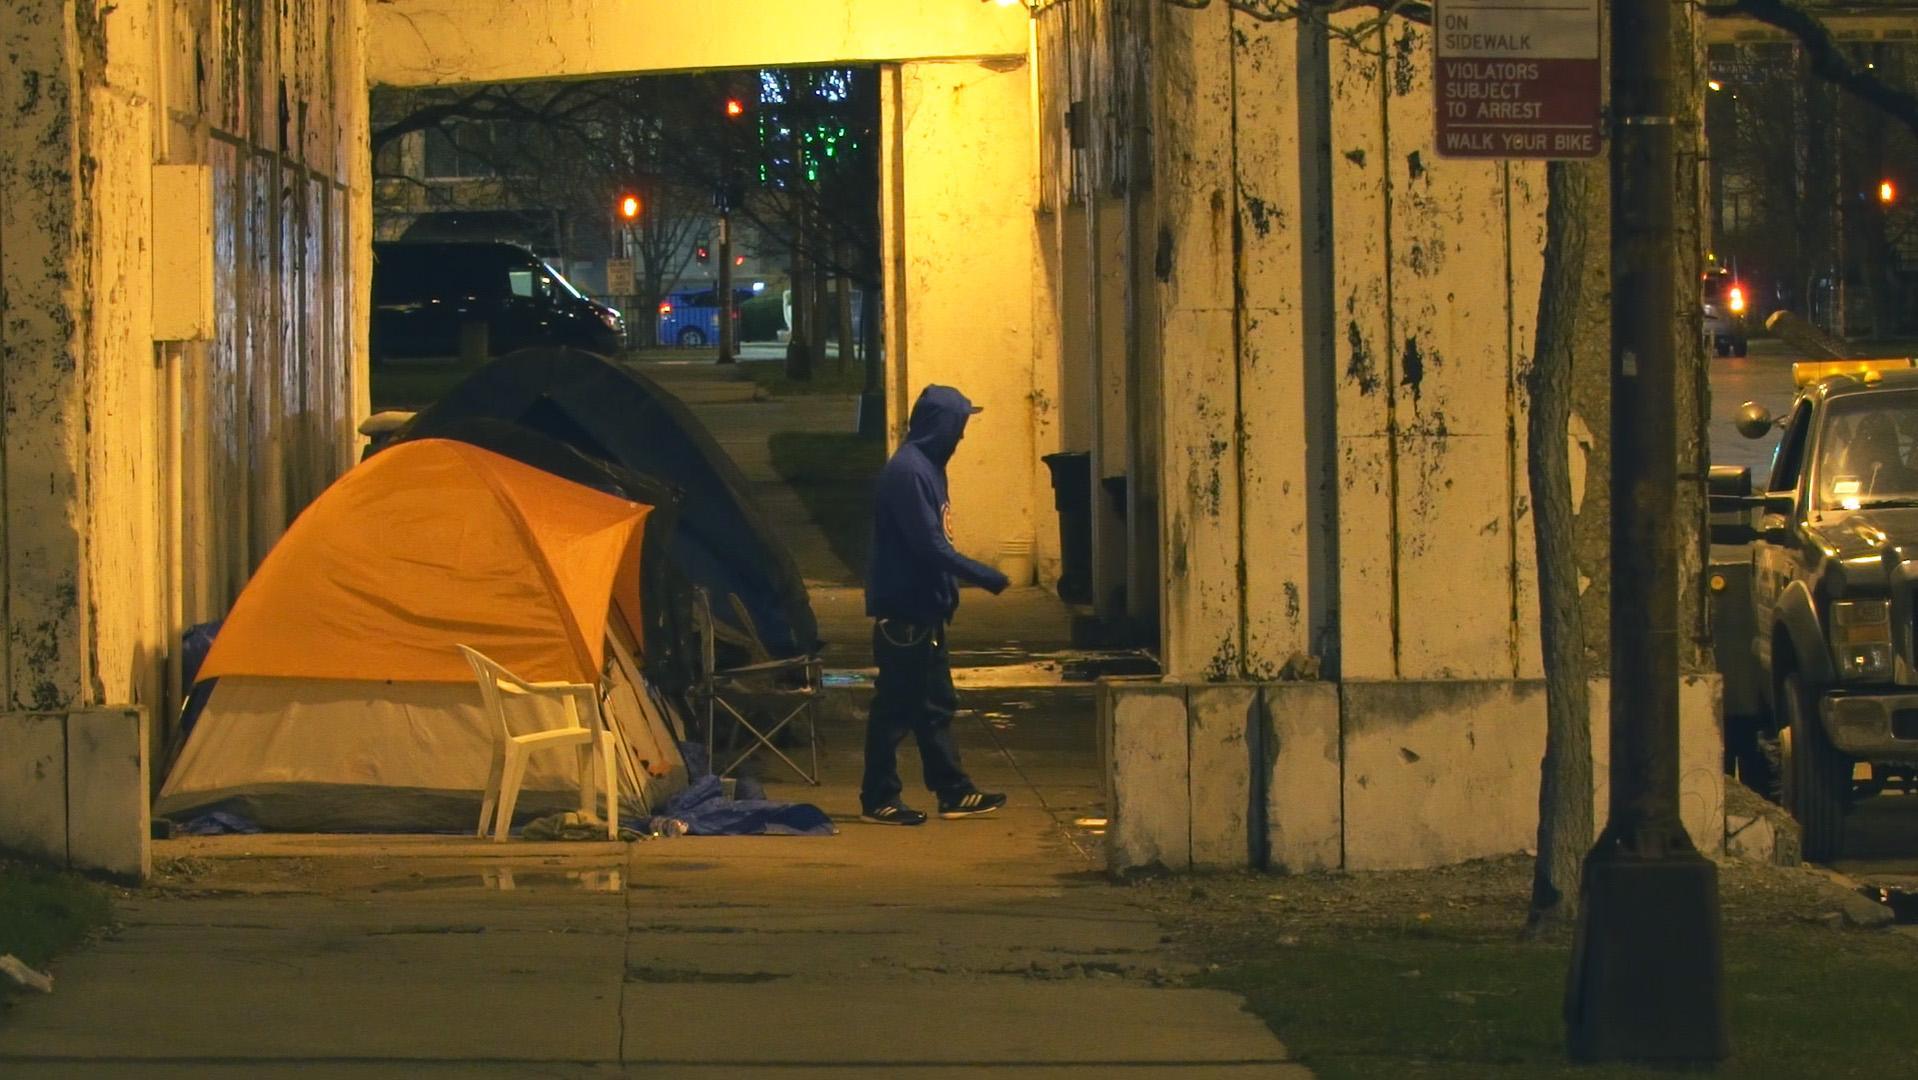 Akcja pod hasłem SLEEP OUT mająca zwrócić uwagę na bezdomnych w Chicago